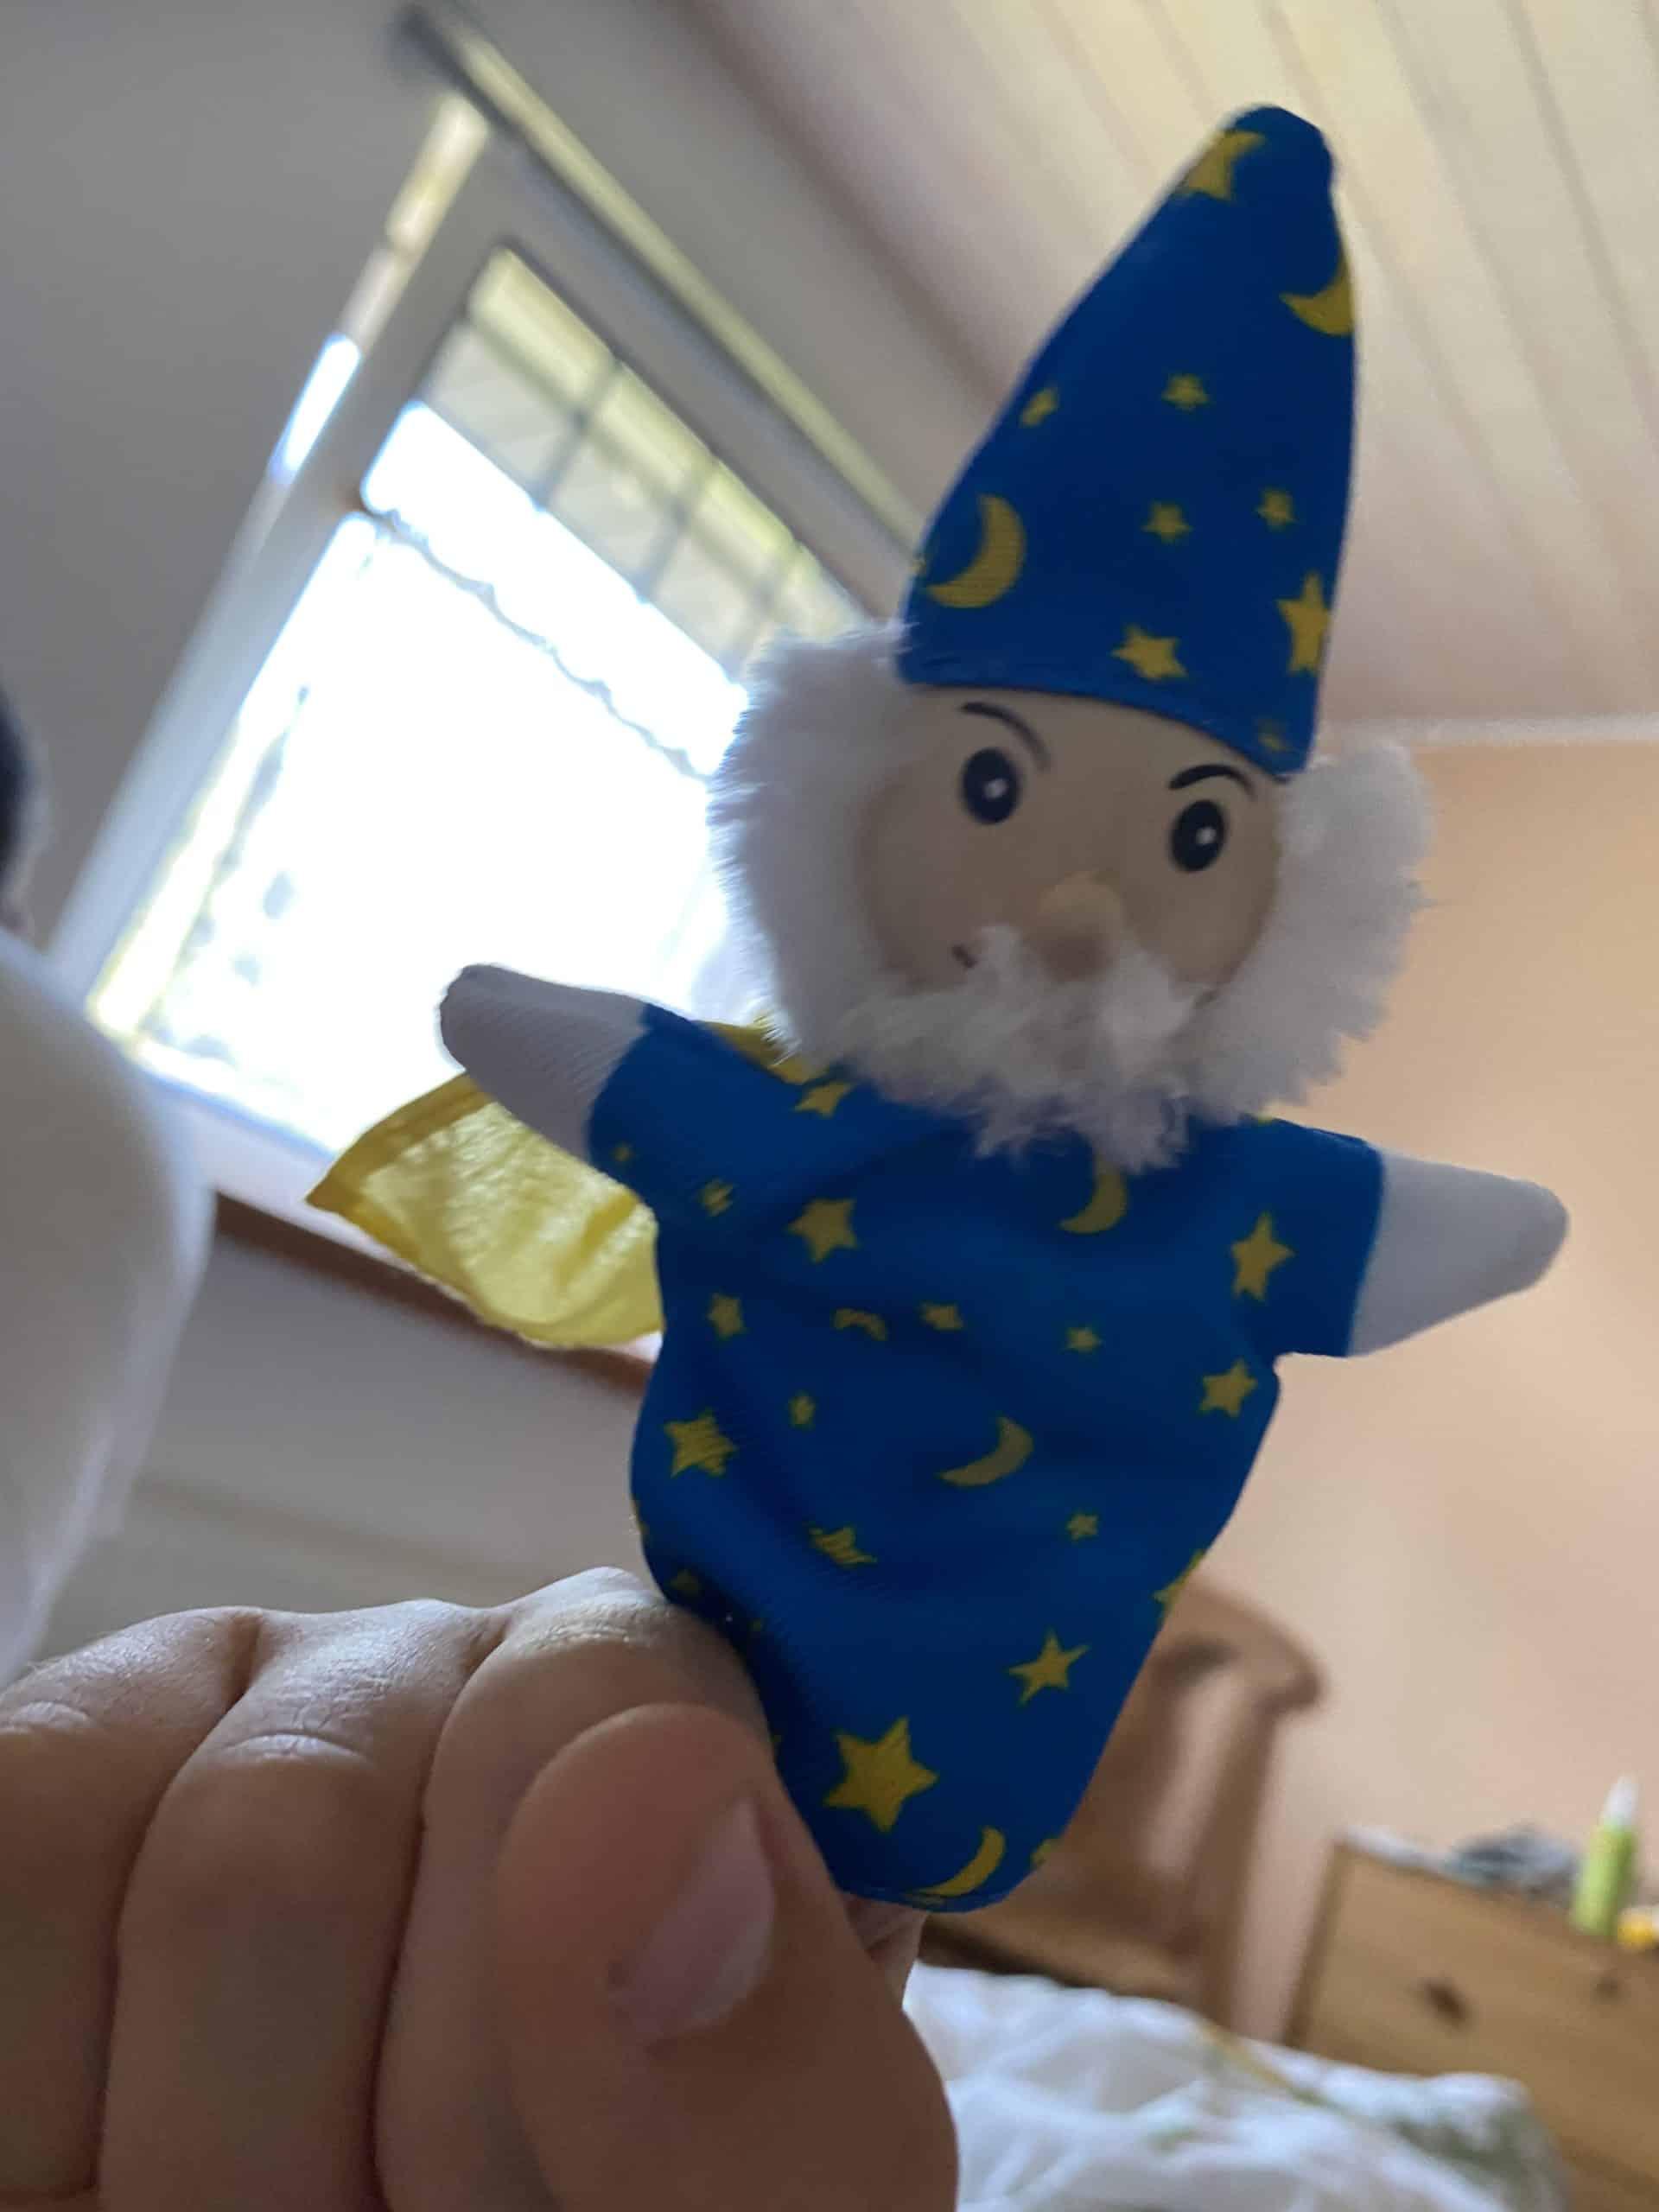 Der Sohn hat sich eine Fingerpuppe gekauft und weckt mich mit Gequatsche..